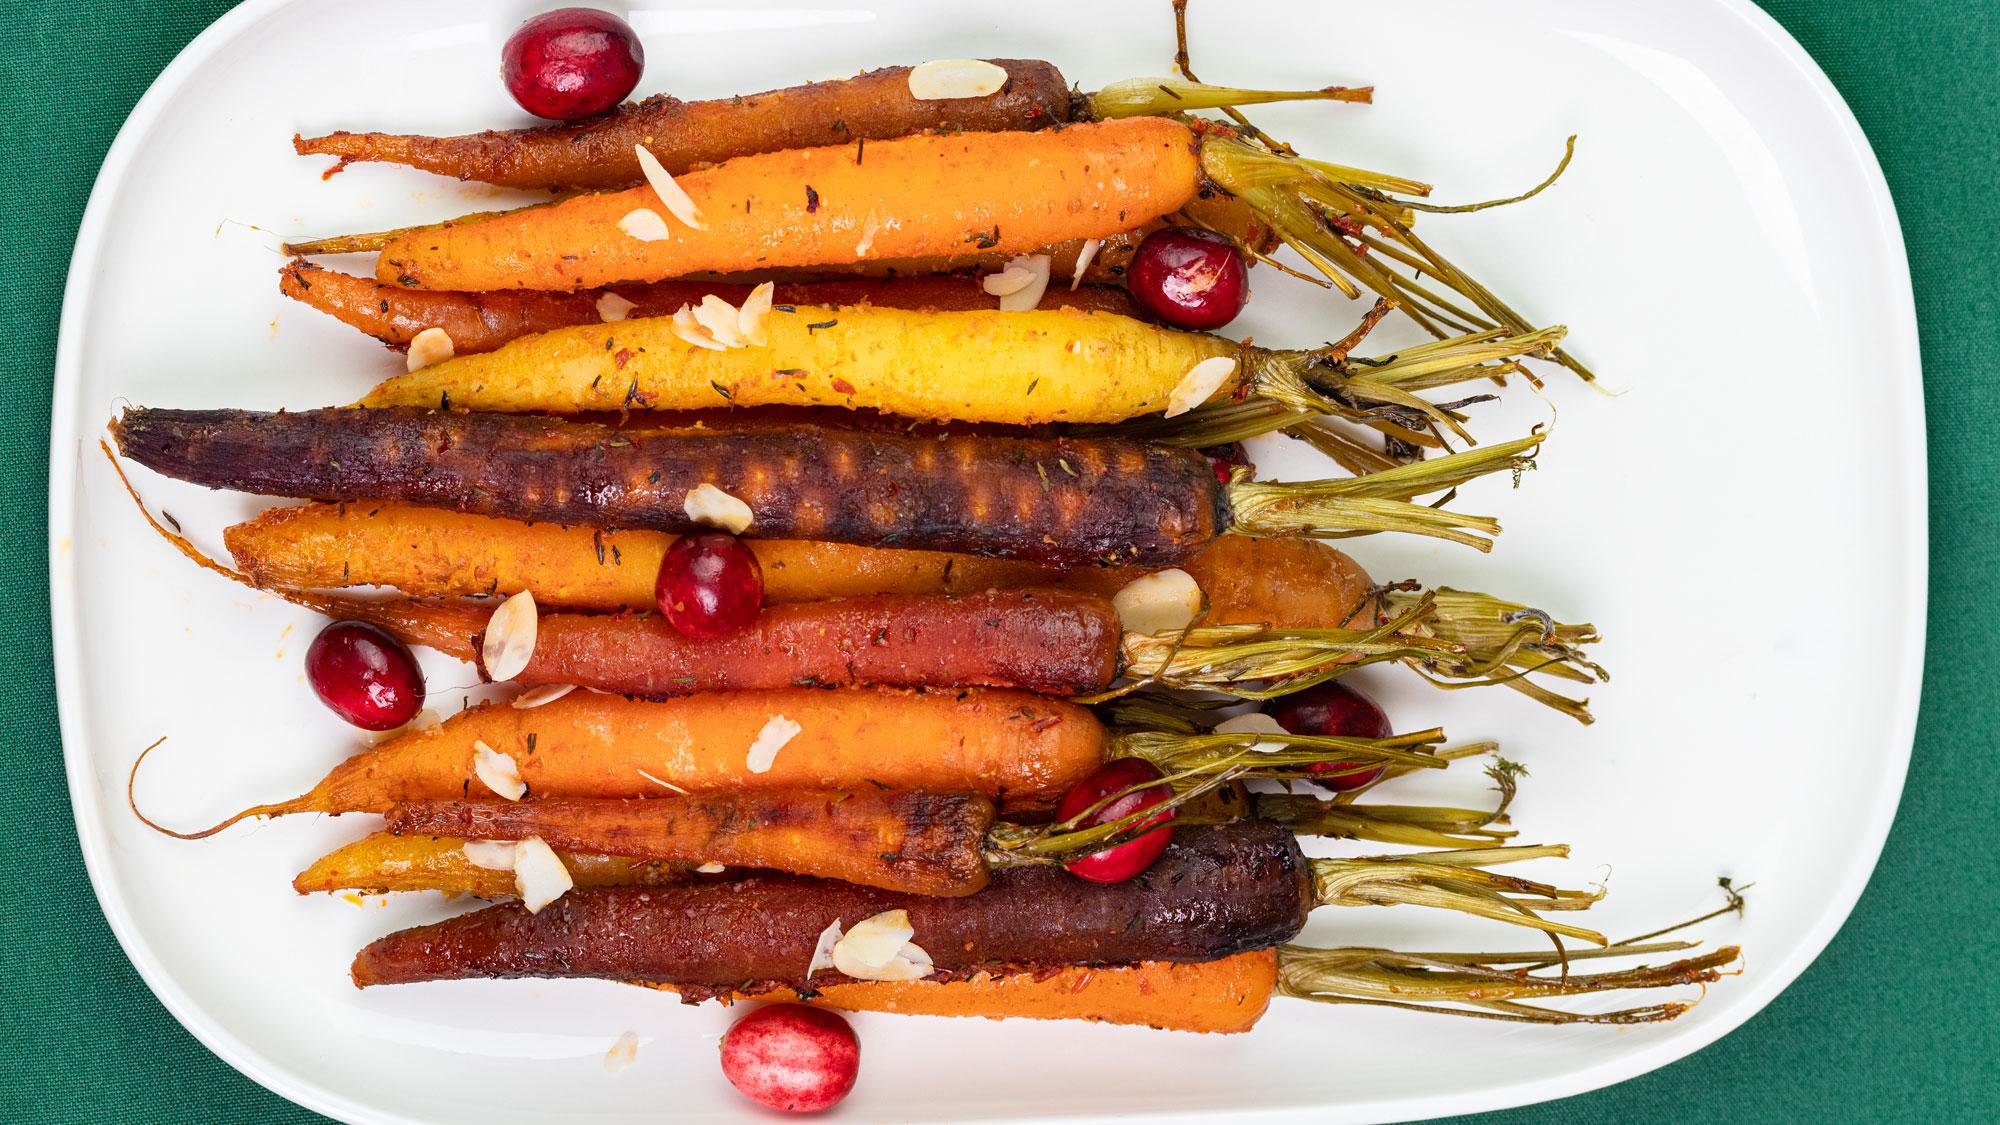 Kleurrijke, geroosterde wortels met cranberry's en amandelvlokken